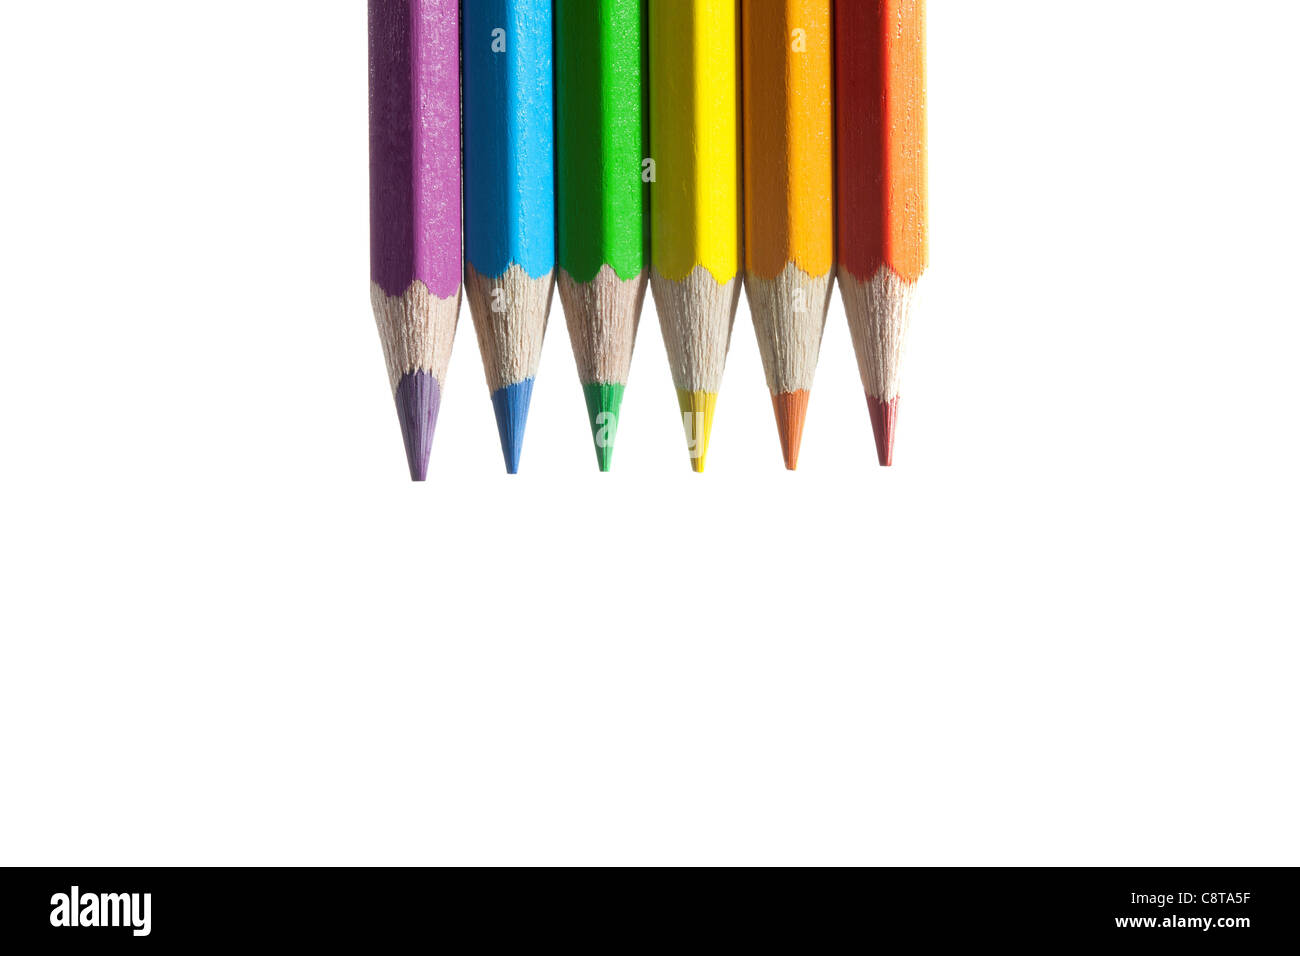 Multi Colored Pencil - Stock Image